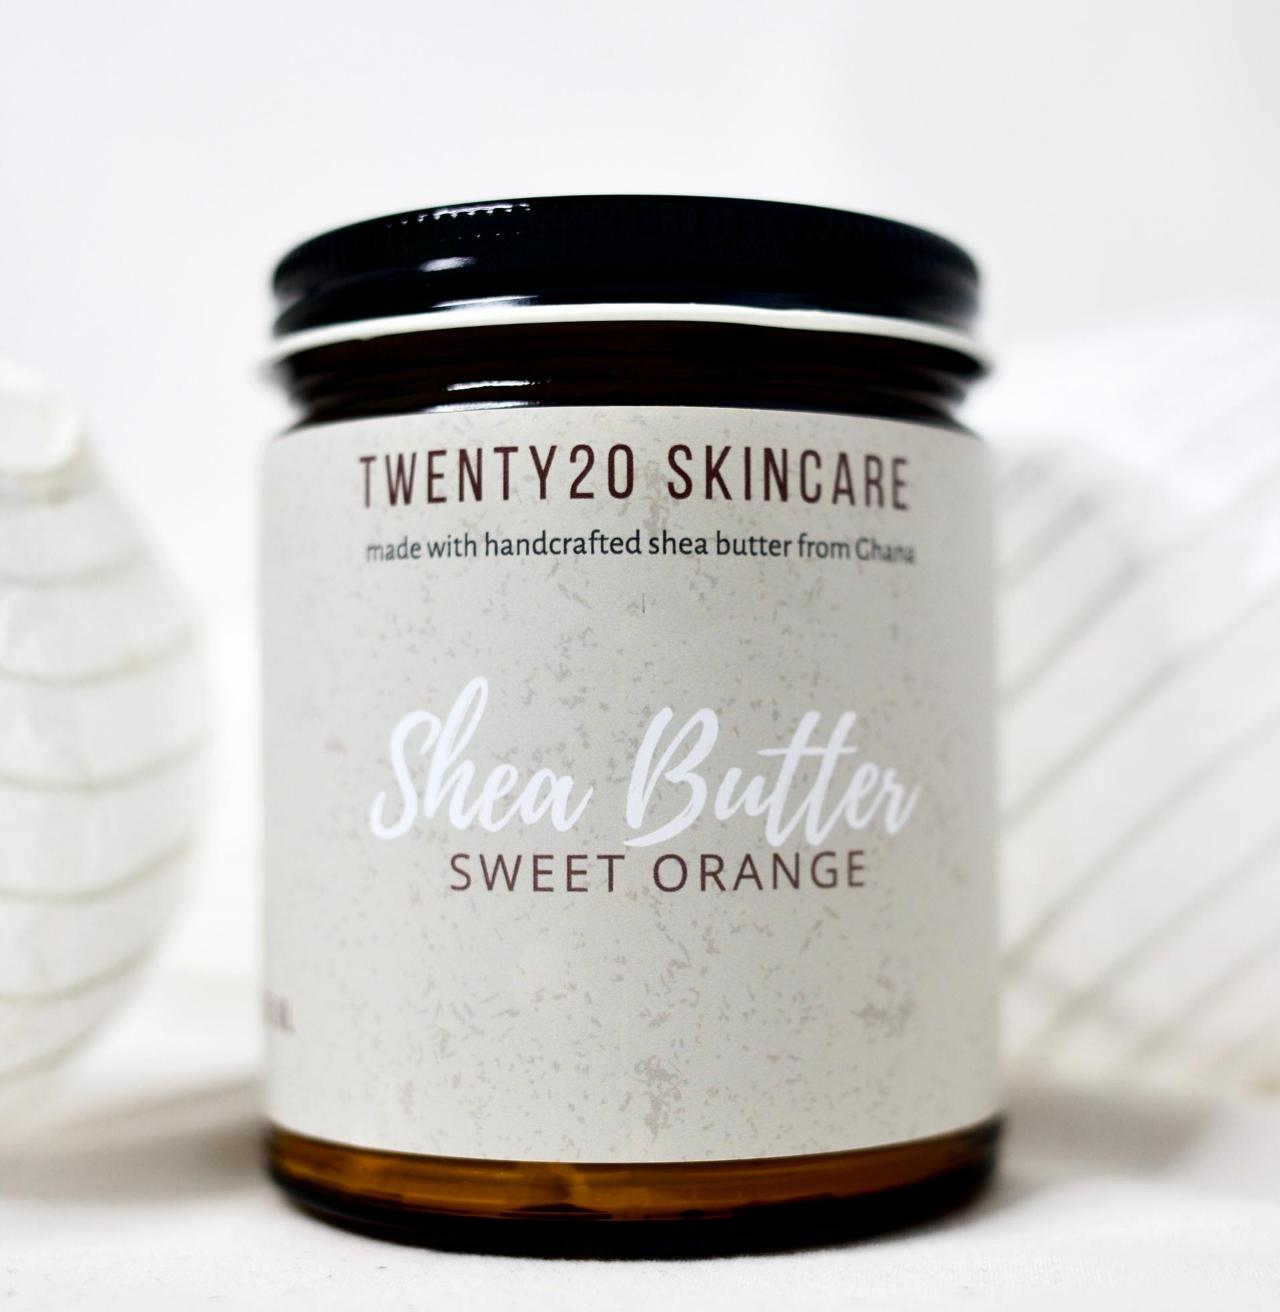 Sweet Orange Shea Butter